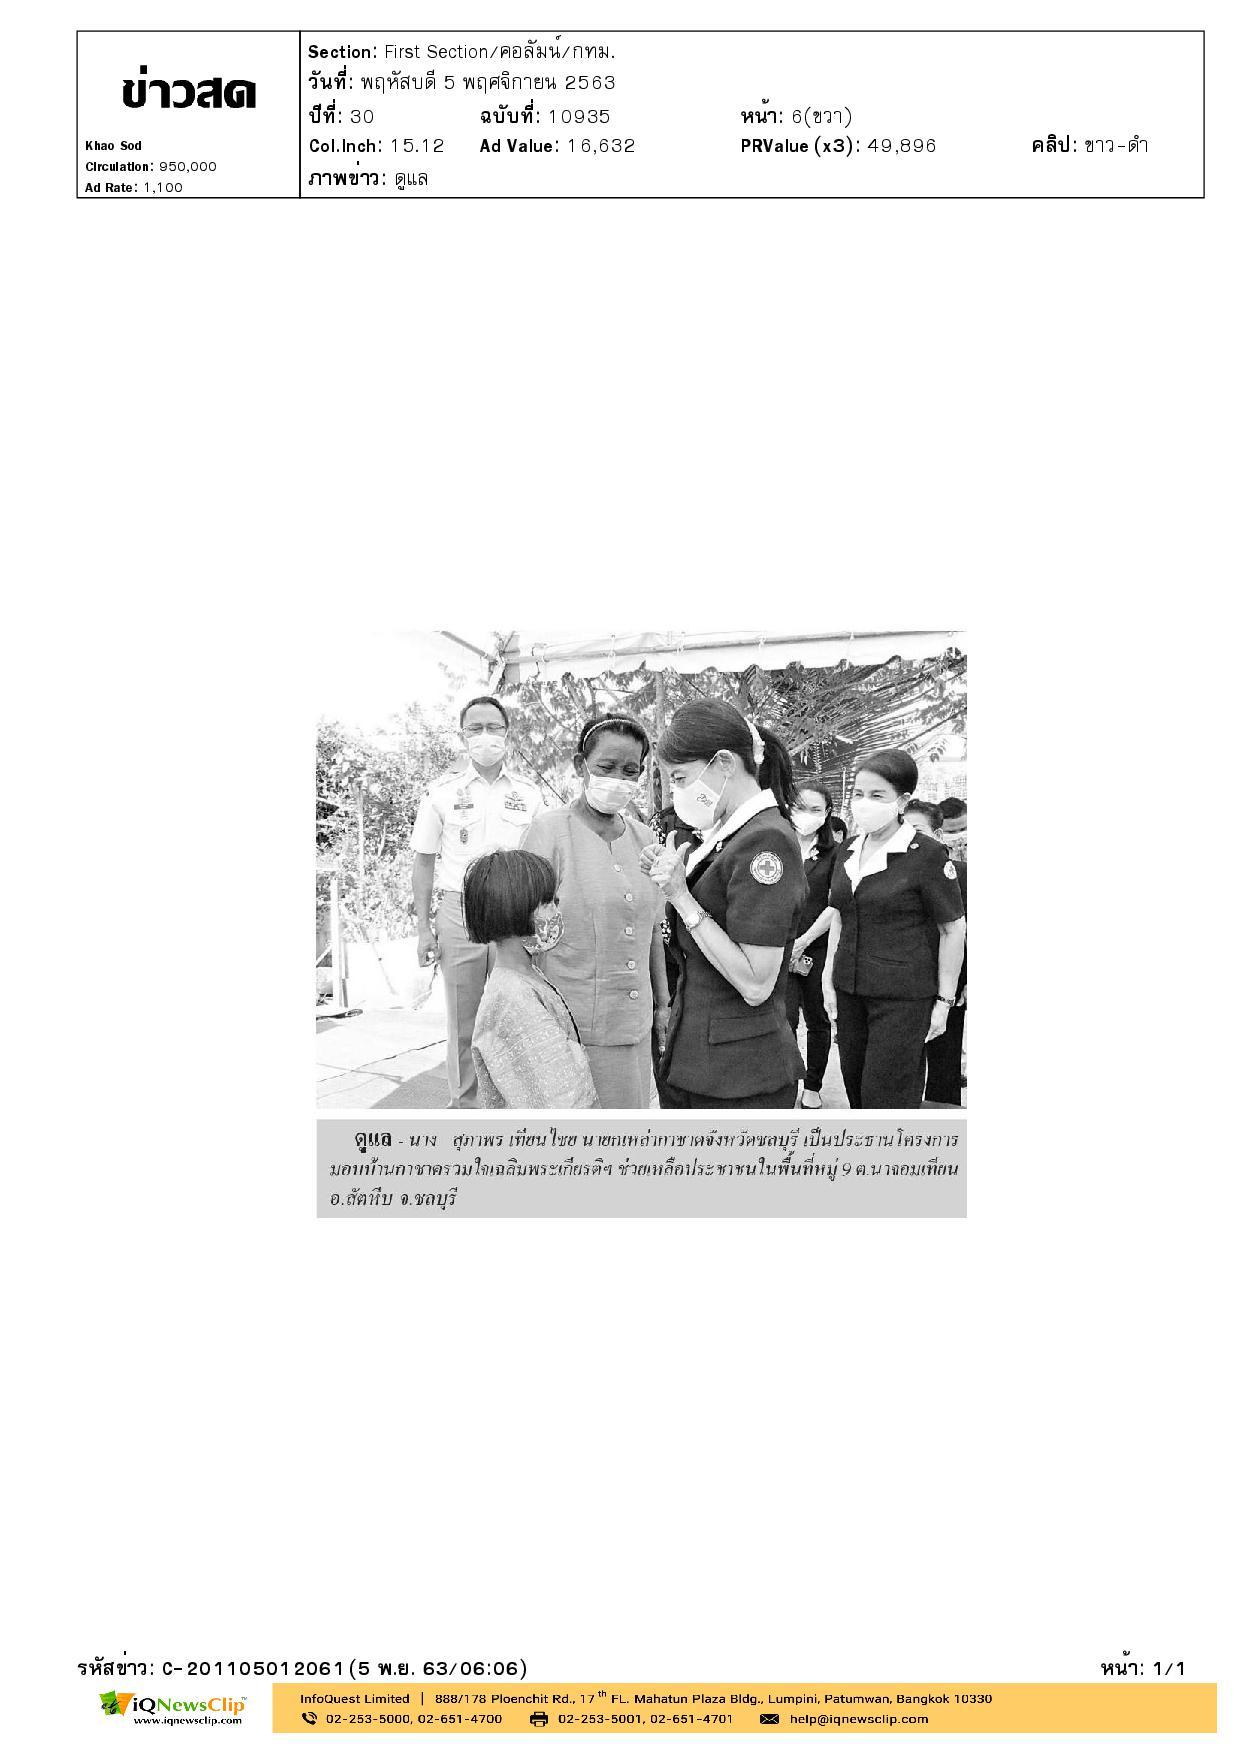 โครงการมอบบ้านกาชาดรวมใจเฉลิมพระเกียรติฯ ช่วยเหลือประชาชนชน